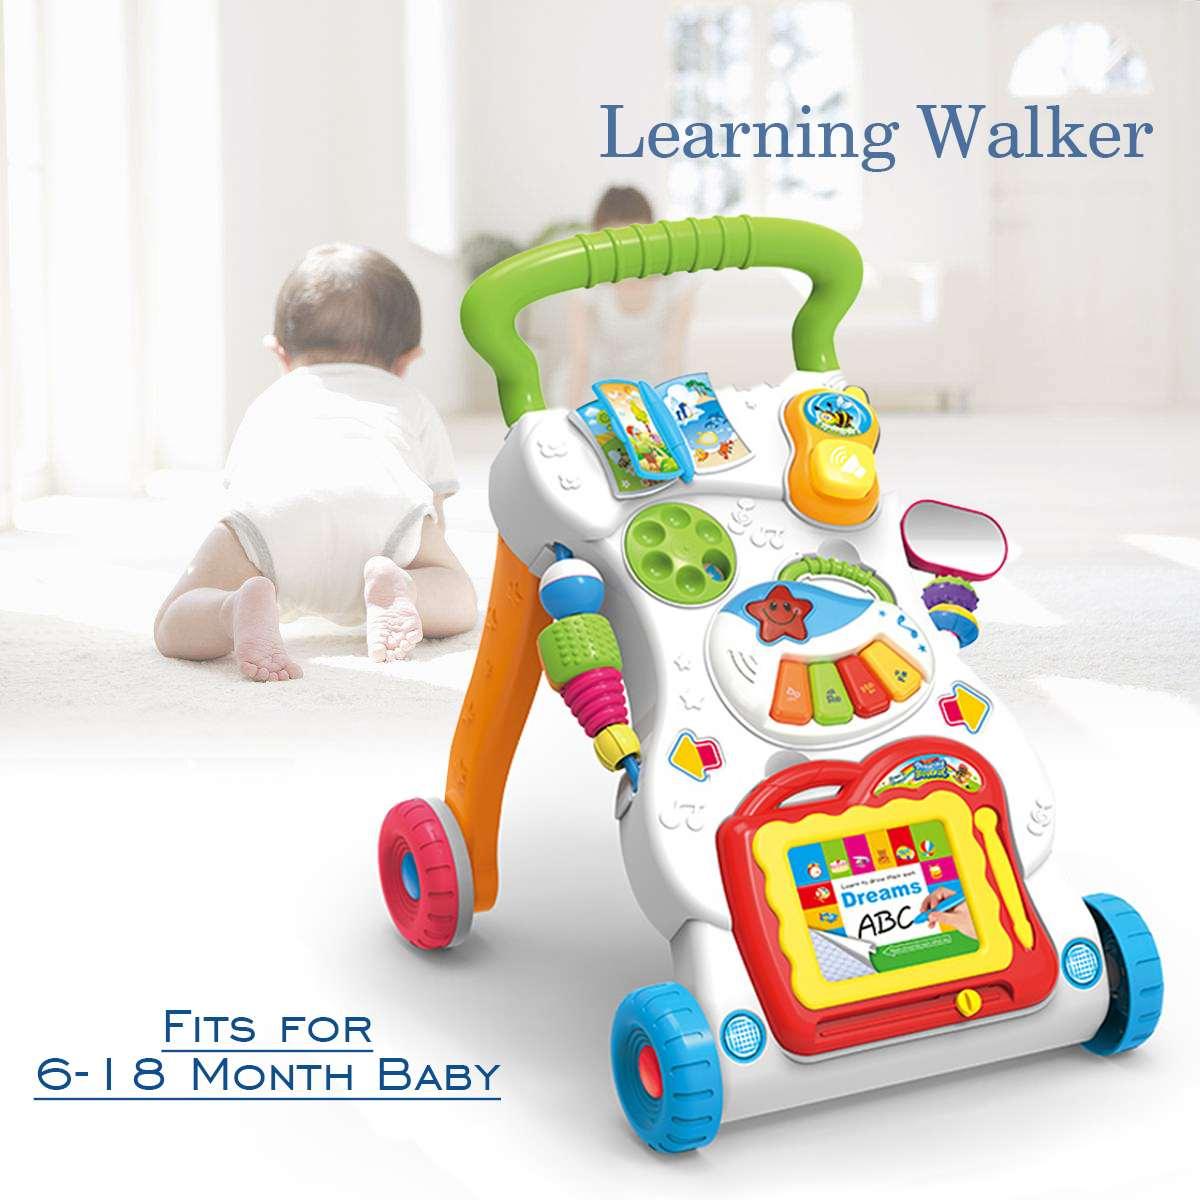 Bébé jouets apprentissage marcheur musique assis sur pied panneau d'activité assis Center de jeu enfant en bas âge bébé activité roue bébé marcheur sécurité